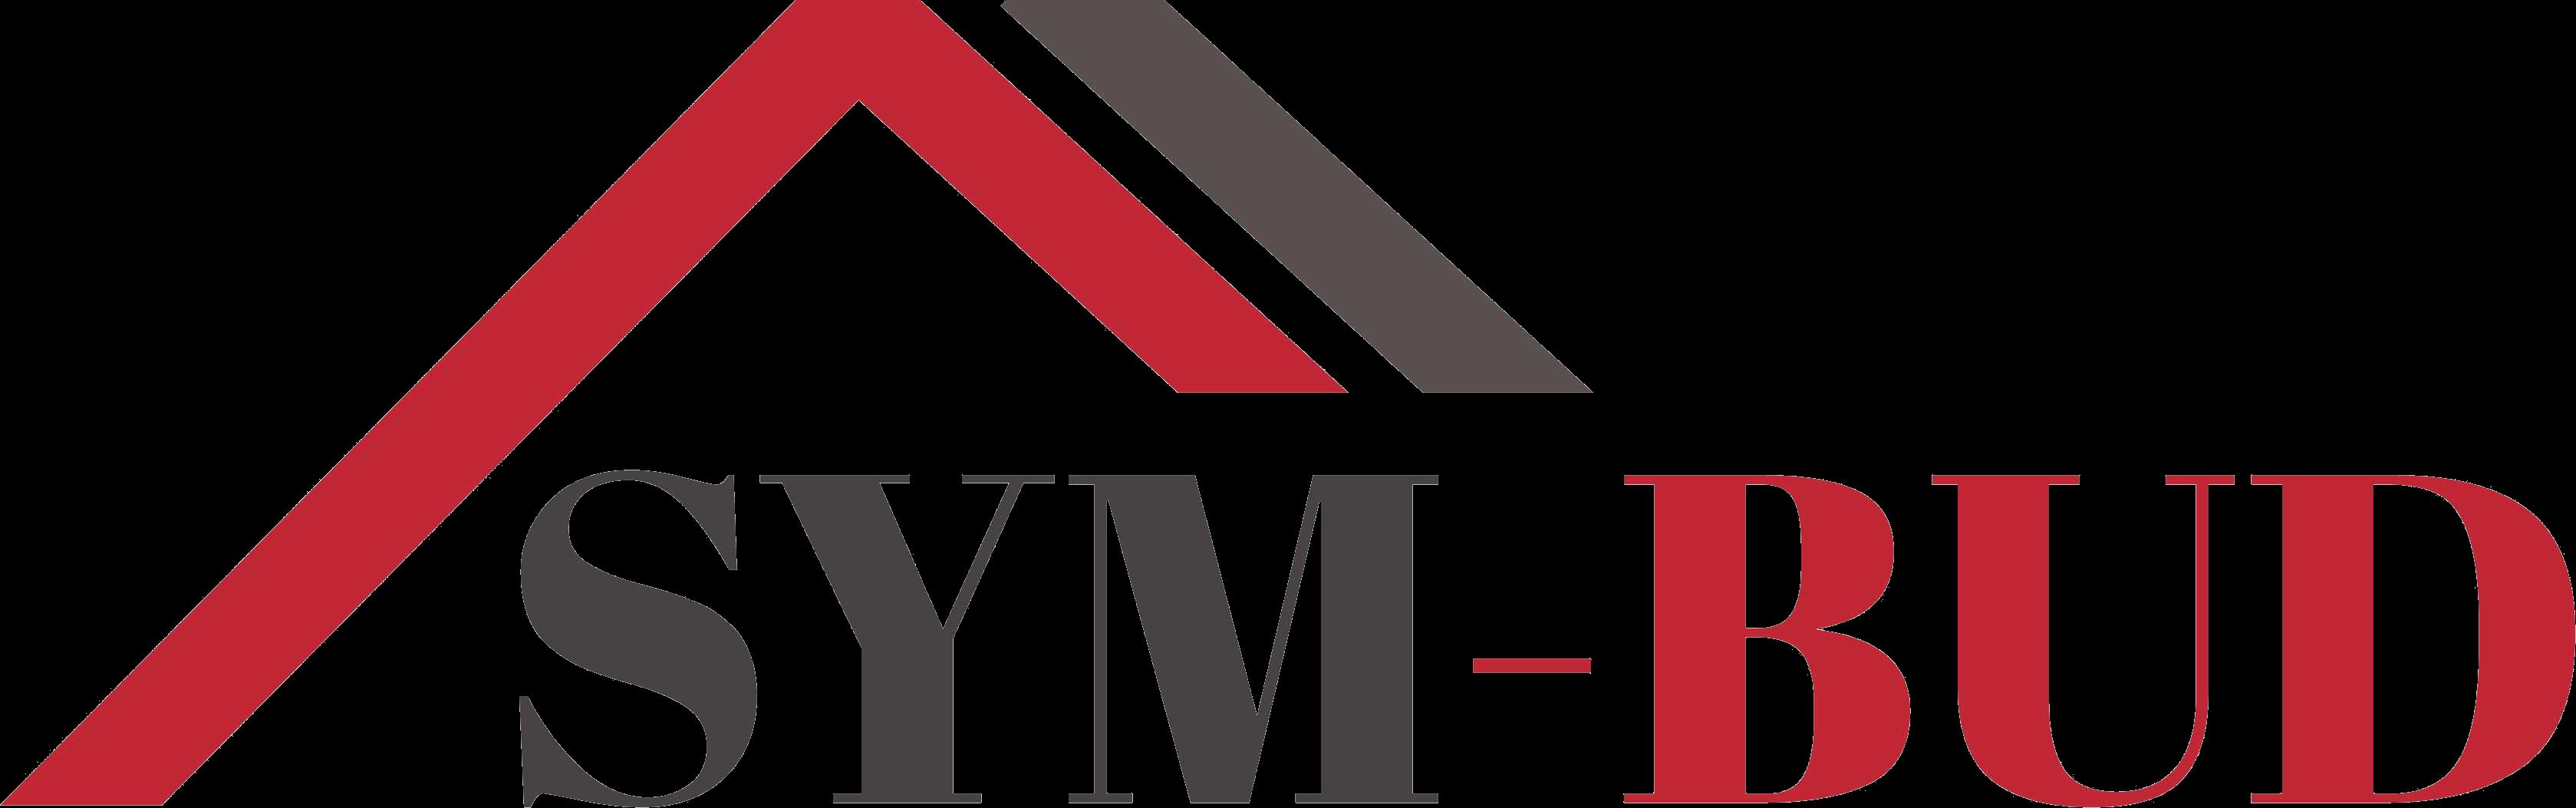 Sym-Bud logo